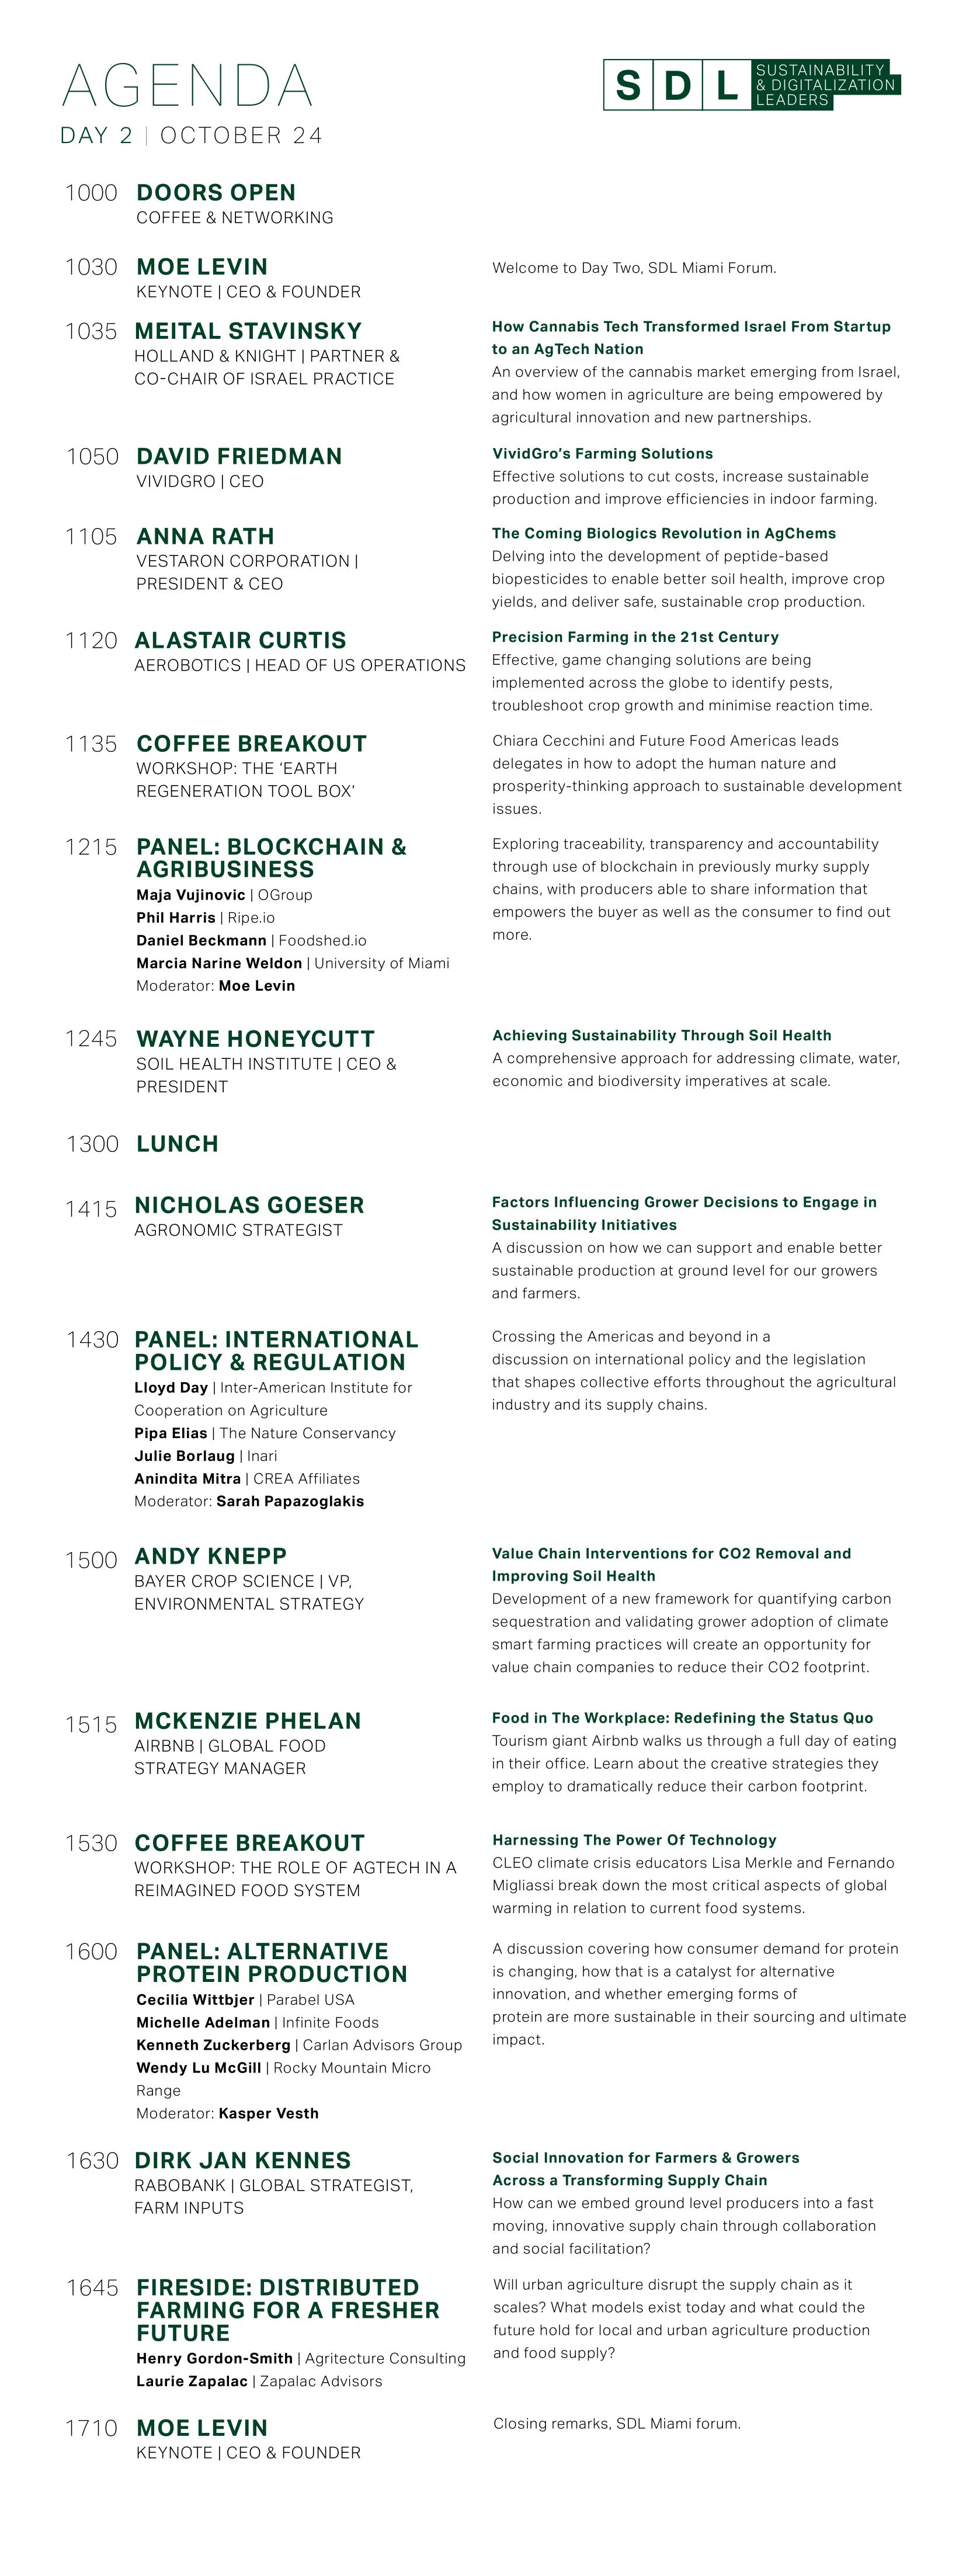 SDL_Agenda_v5_211019-2.png